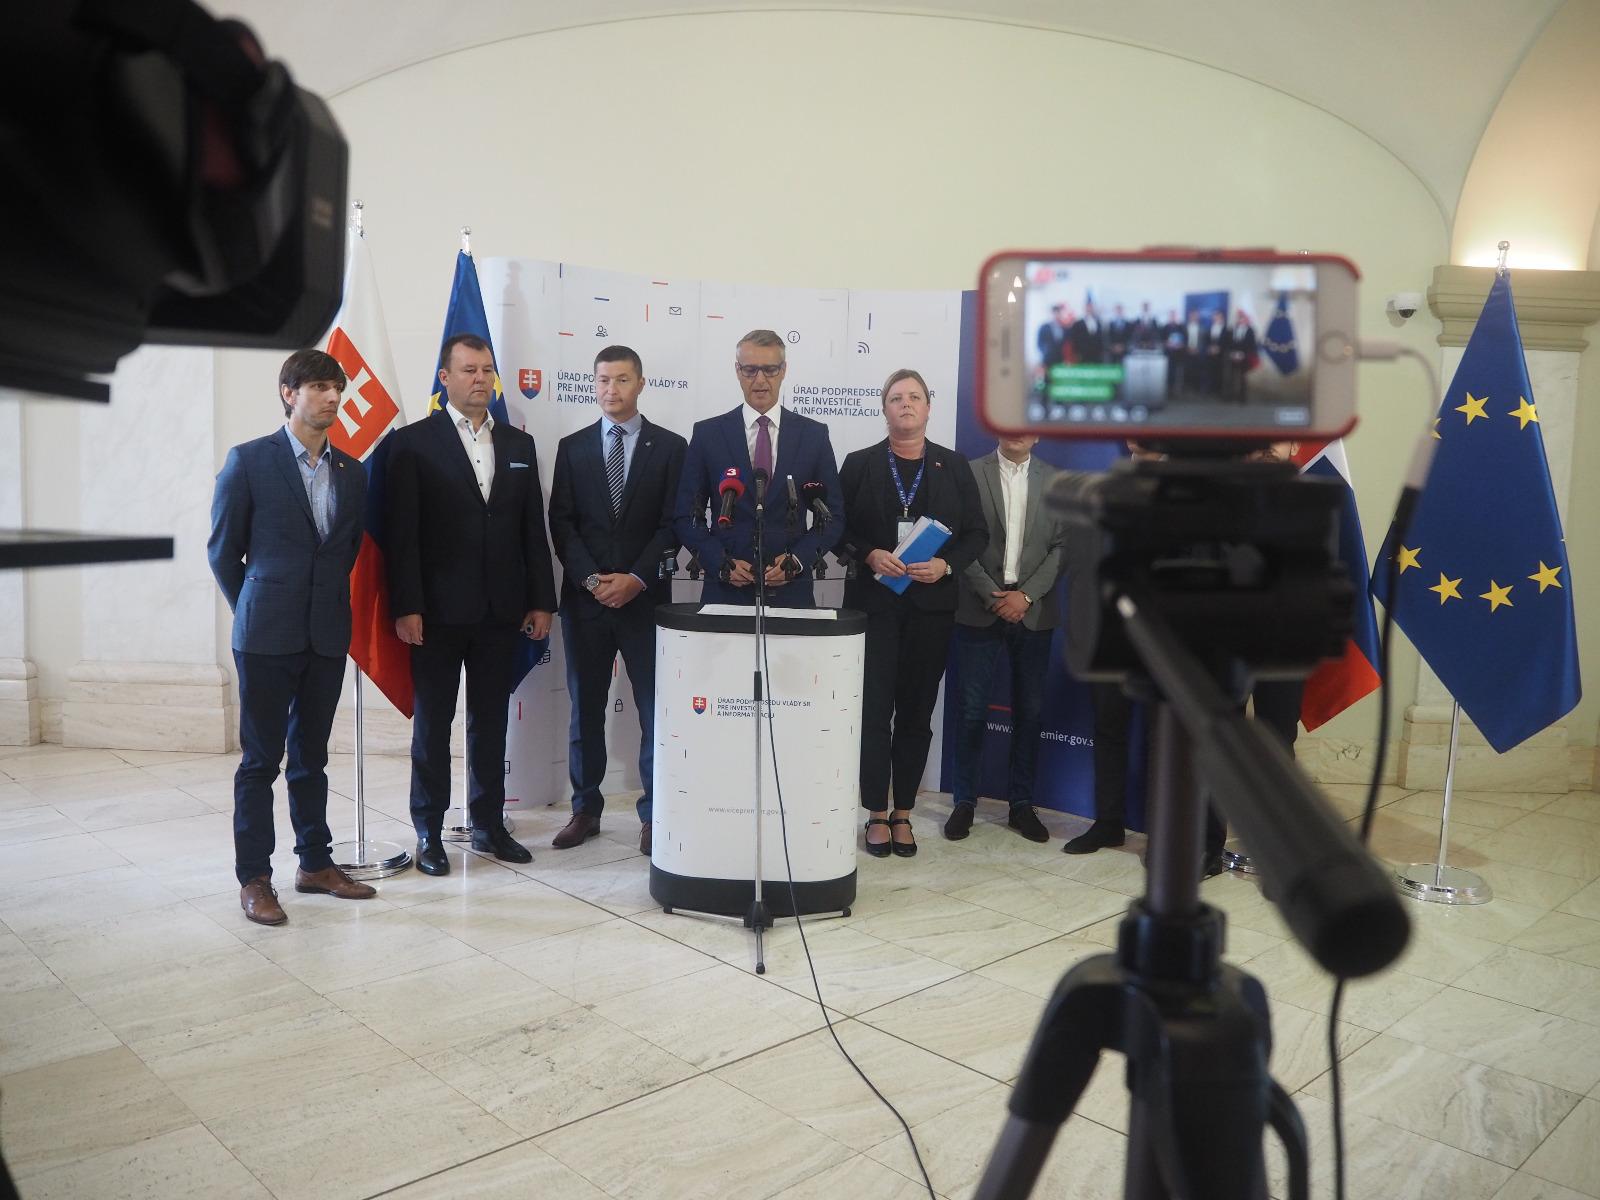 Úrad vicepremiéra posiela do Izraela šesť slovenských firiem